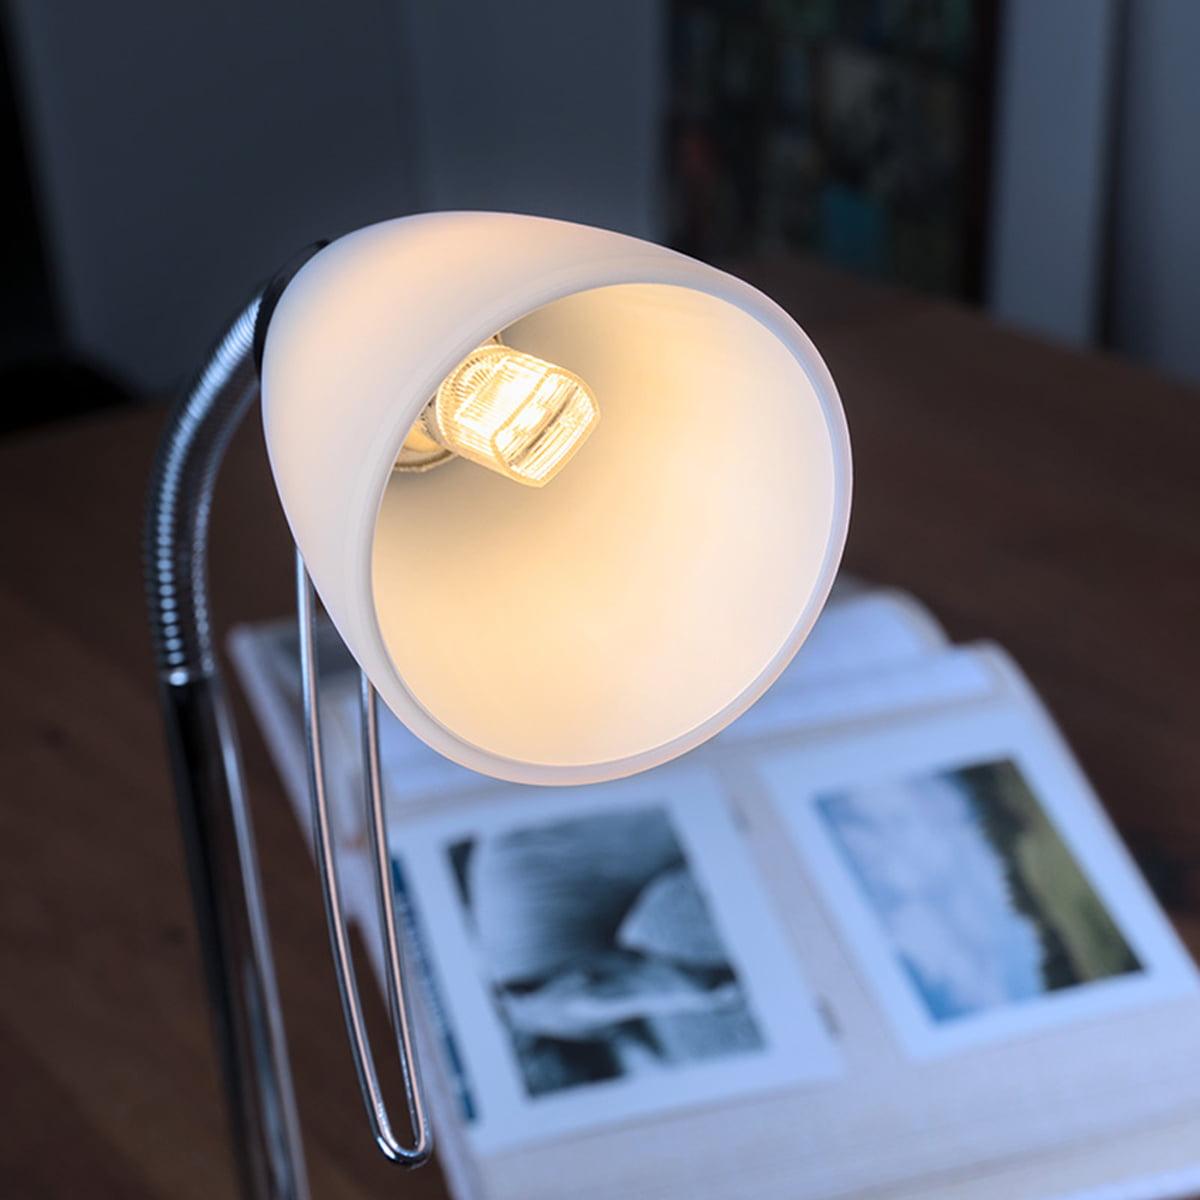 led star pin g4 12 v von osram connox. Black Bedroom Furniture Sets. Home Design Ideas